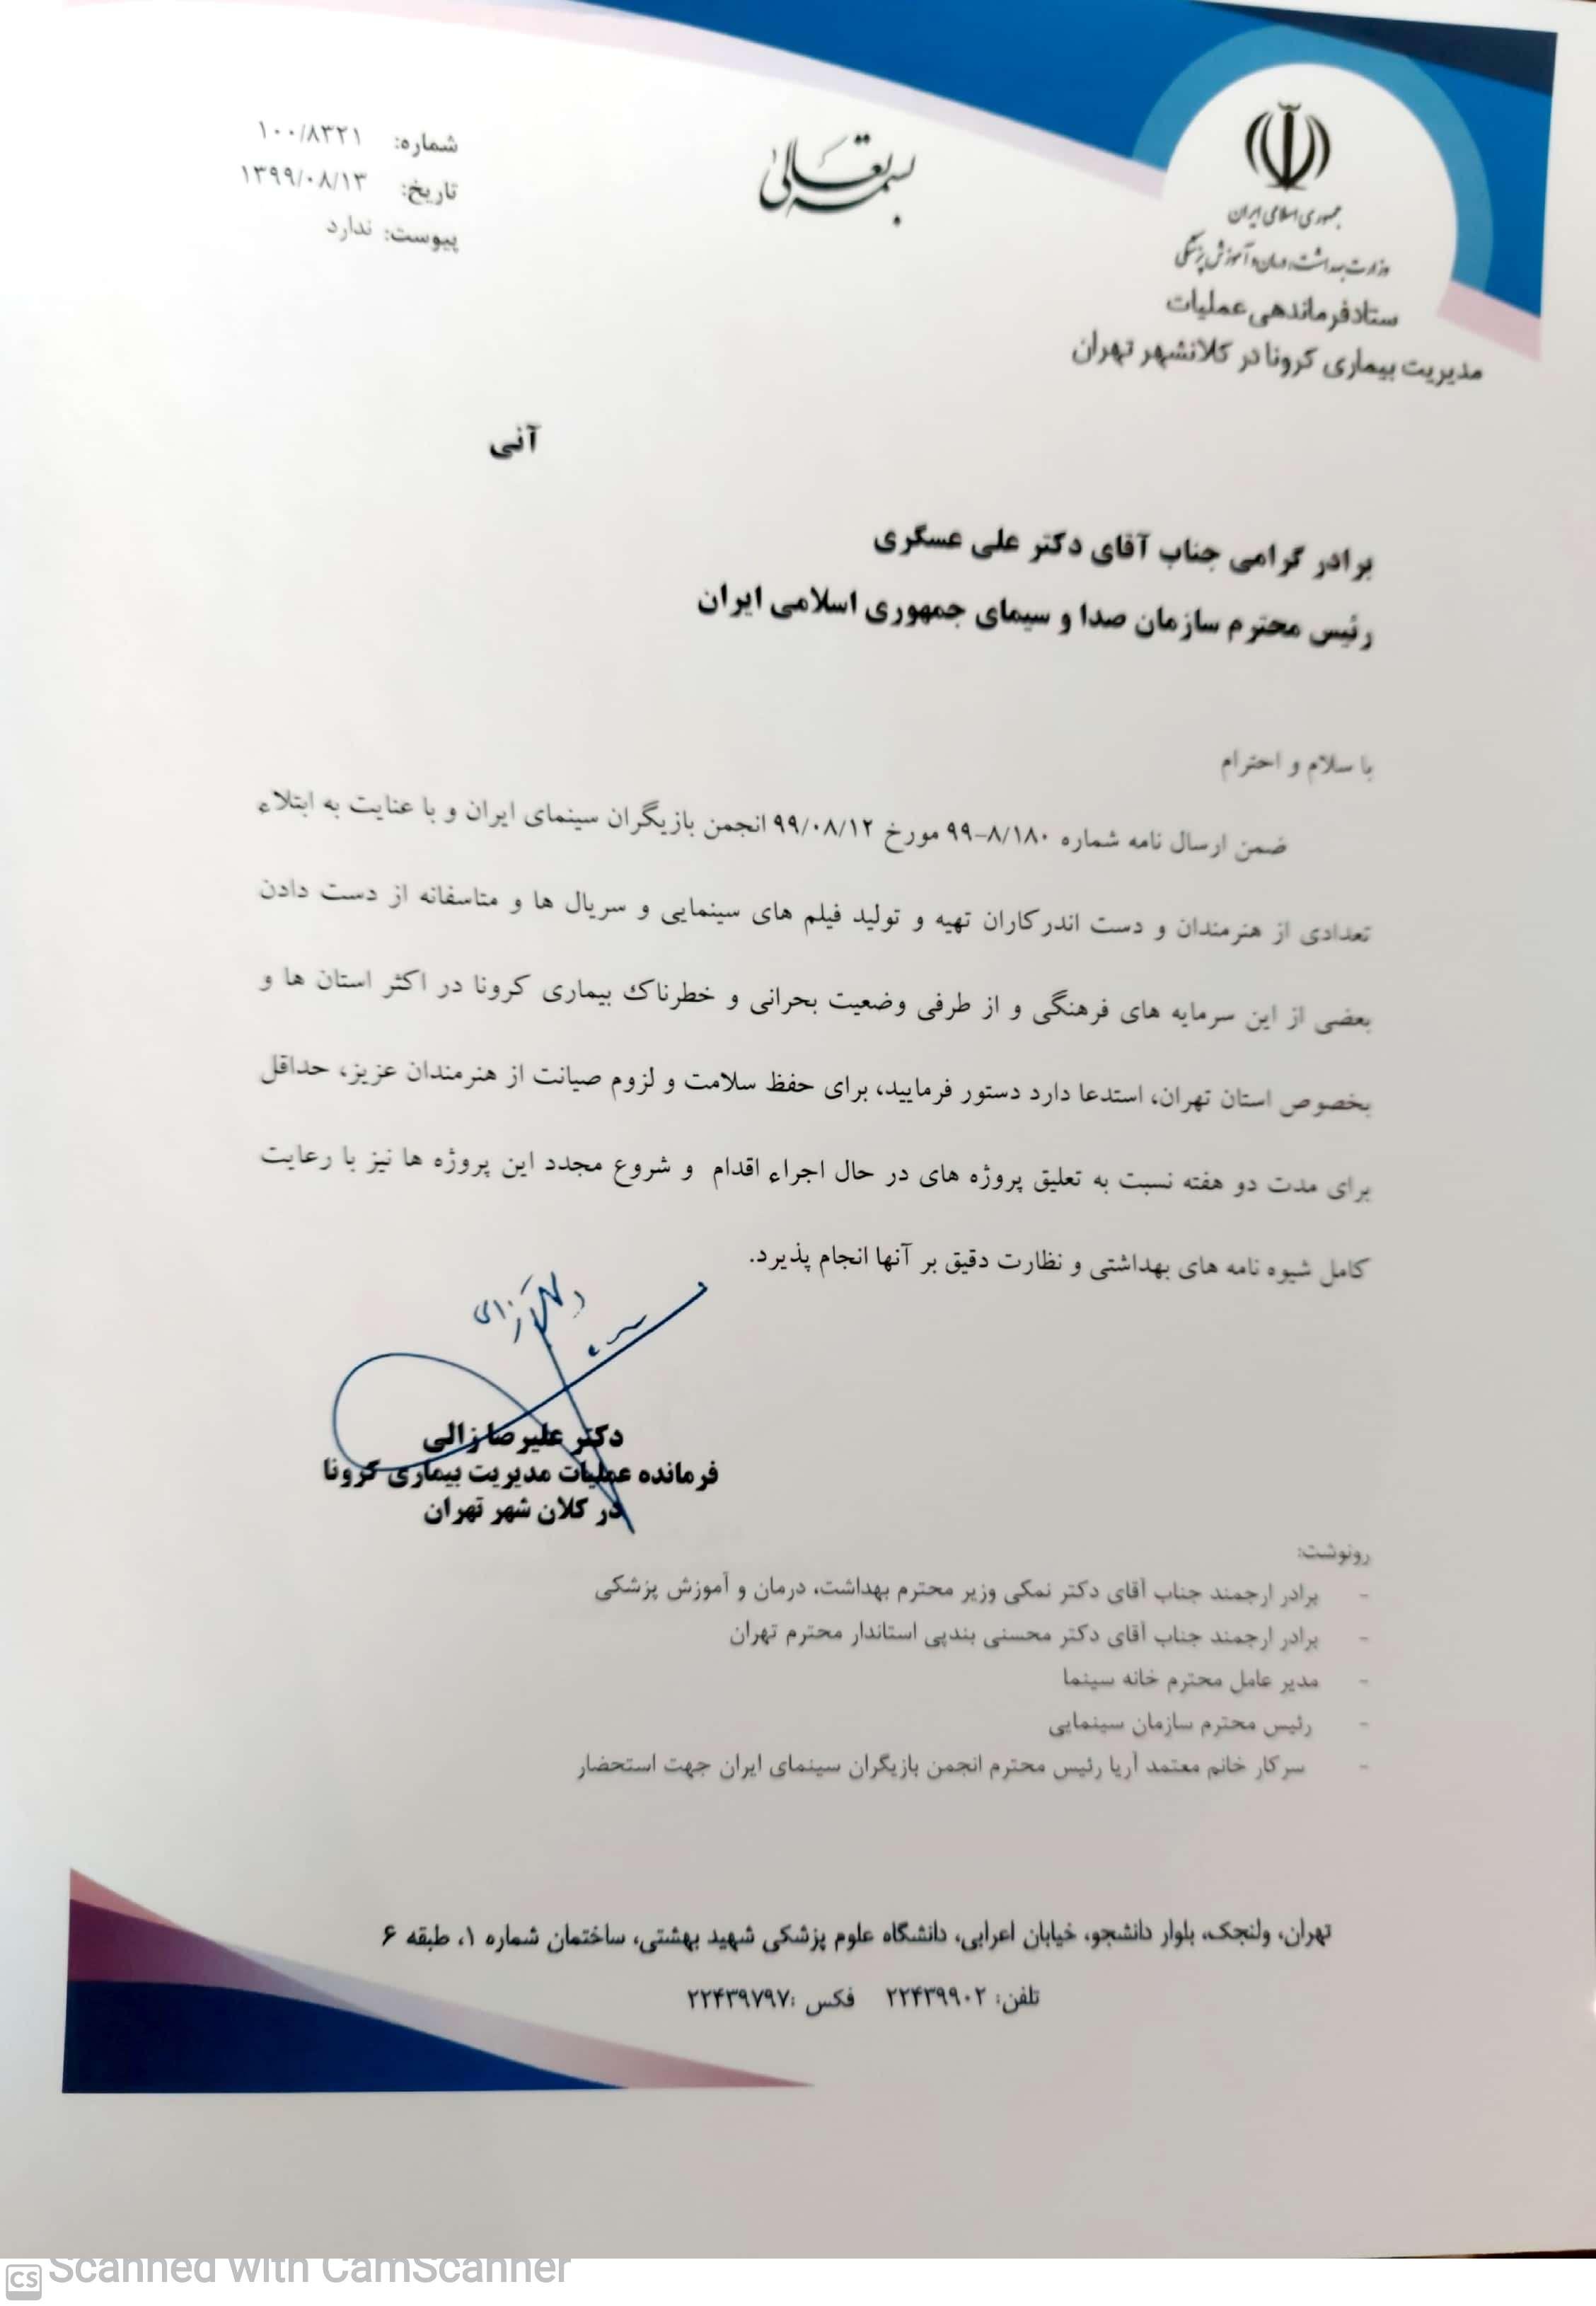 نامه شورای مرکزی انجمن بازیگران سینمای ایران به دکتر زالی 3